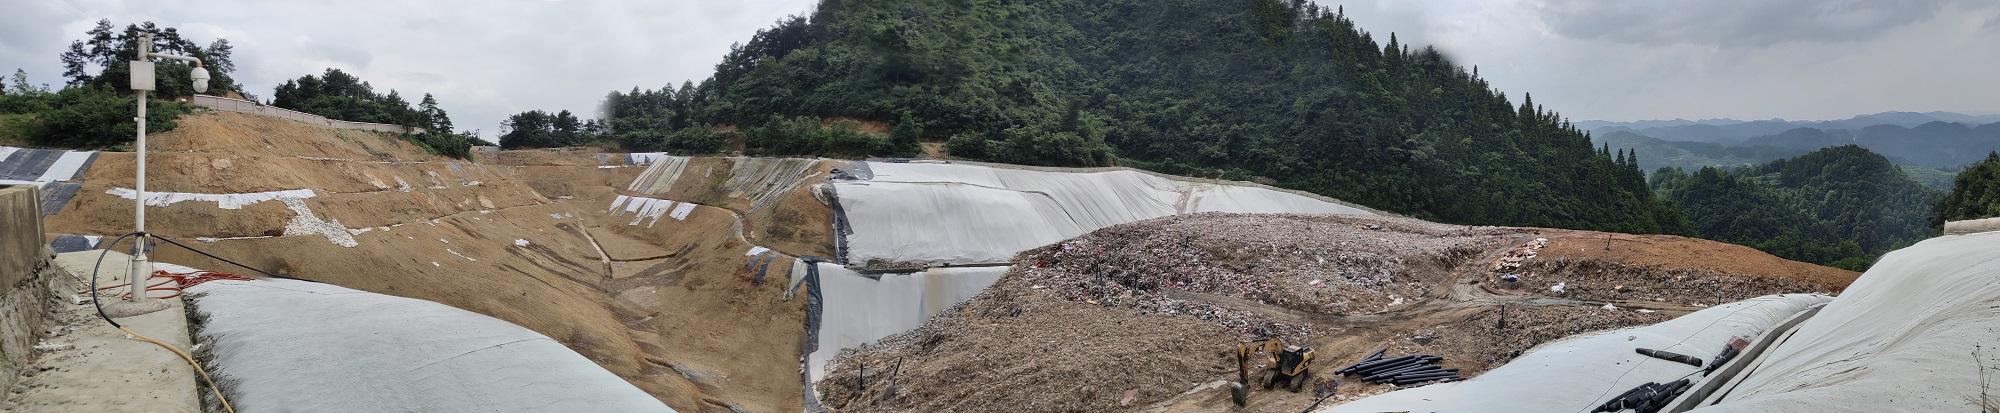 開陽縣生活垃圾衛生填埋場改造維修項目